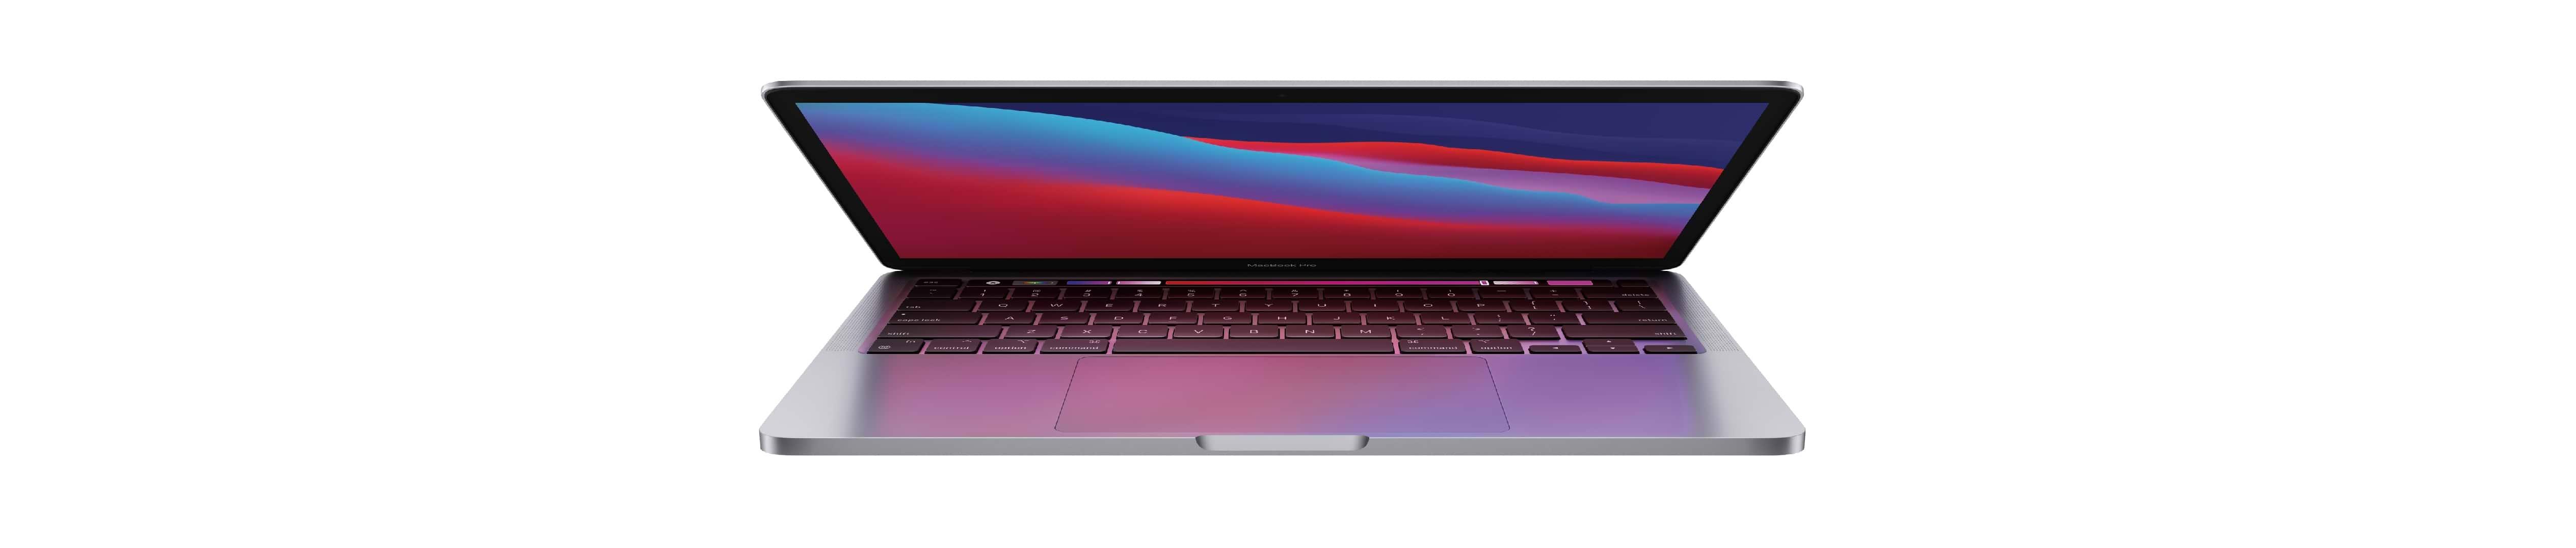 בחרו את ה-MacBook Pro שלכם